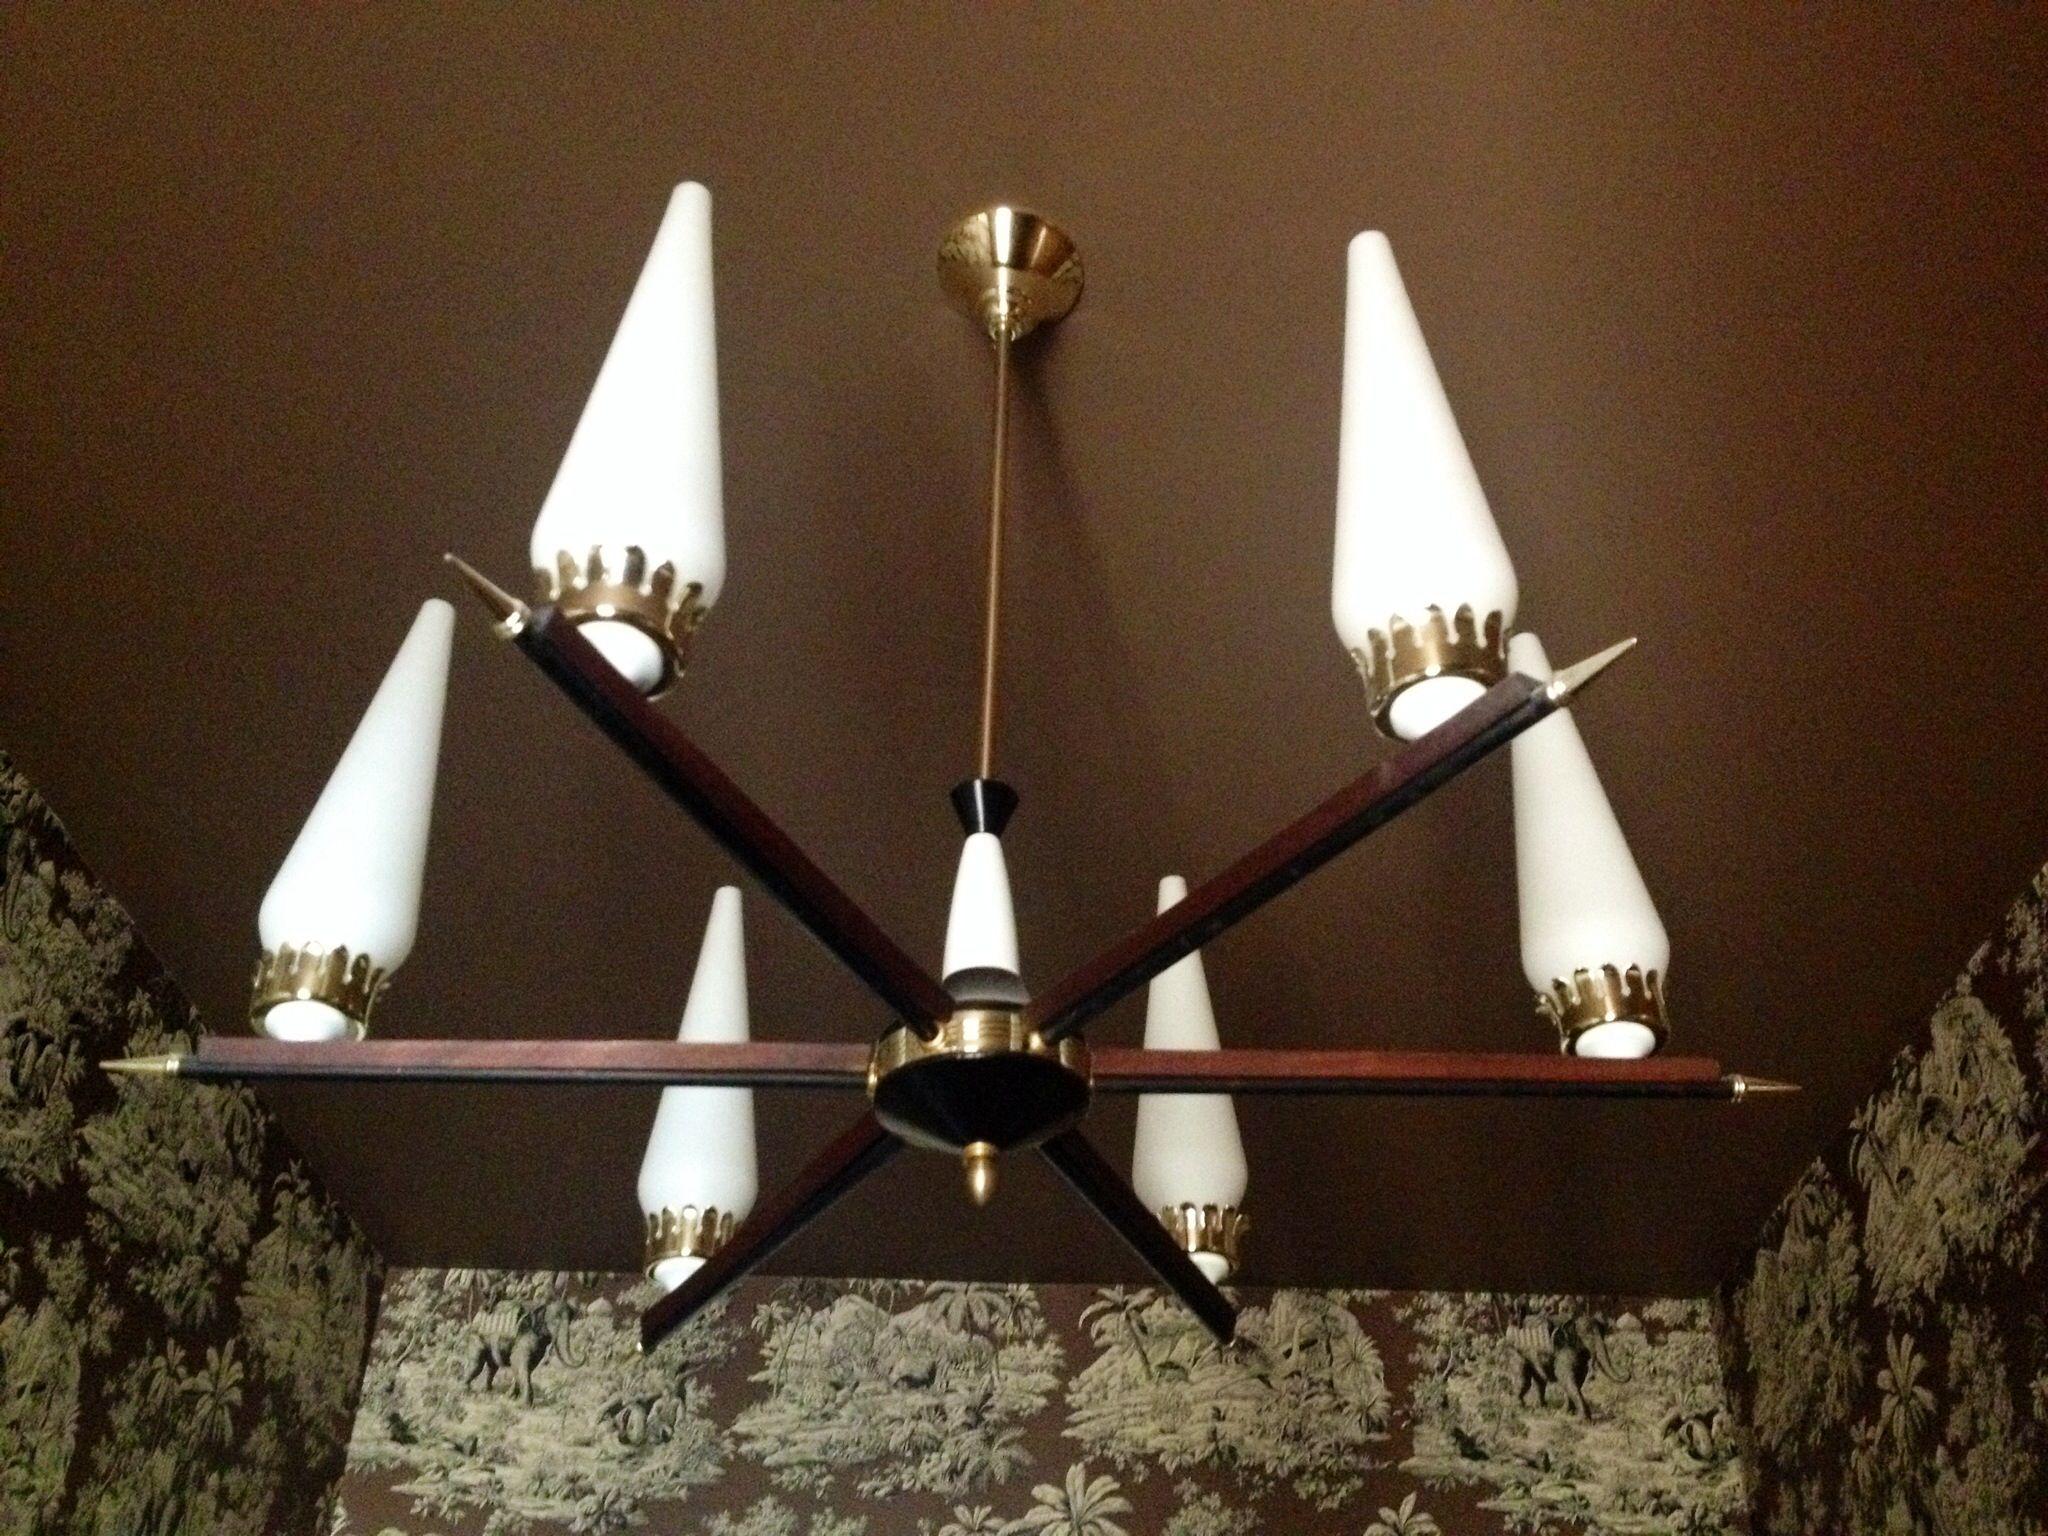 Lampadario Bianco Legno : Lampadario a sei braccia con struttura in metallo brunito e bianco